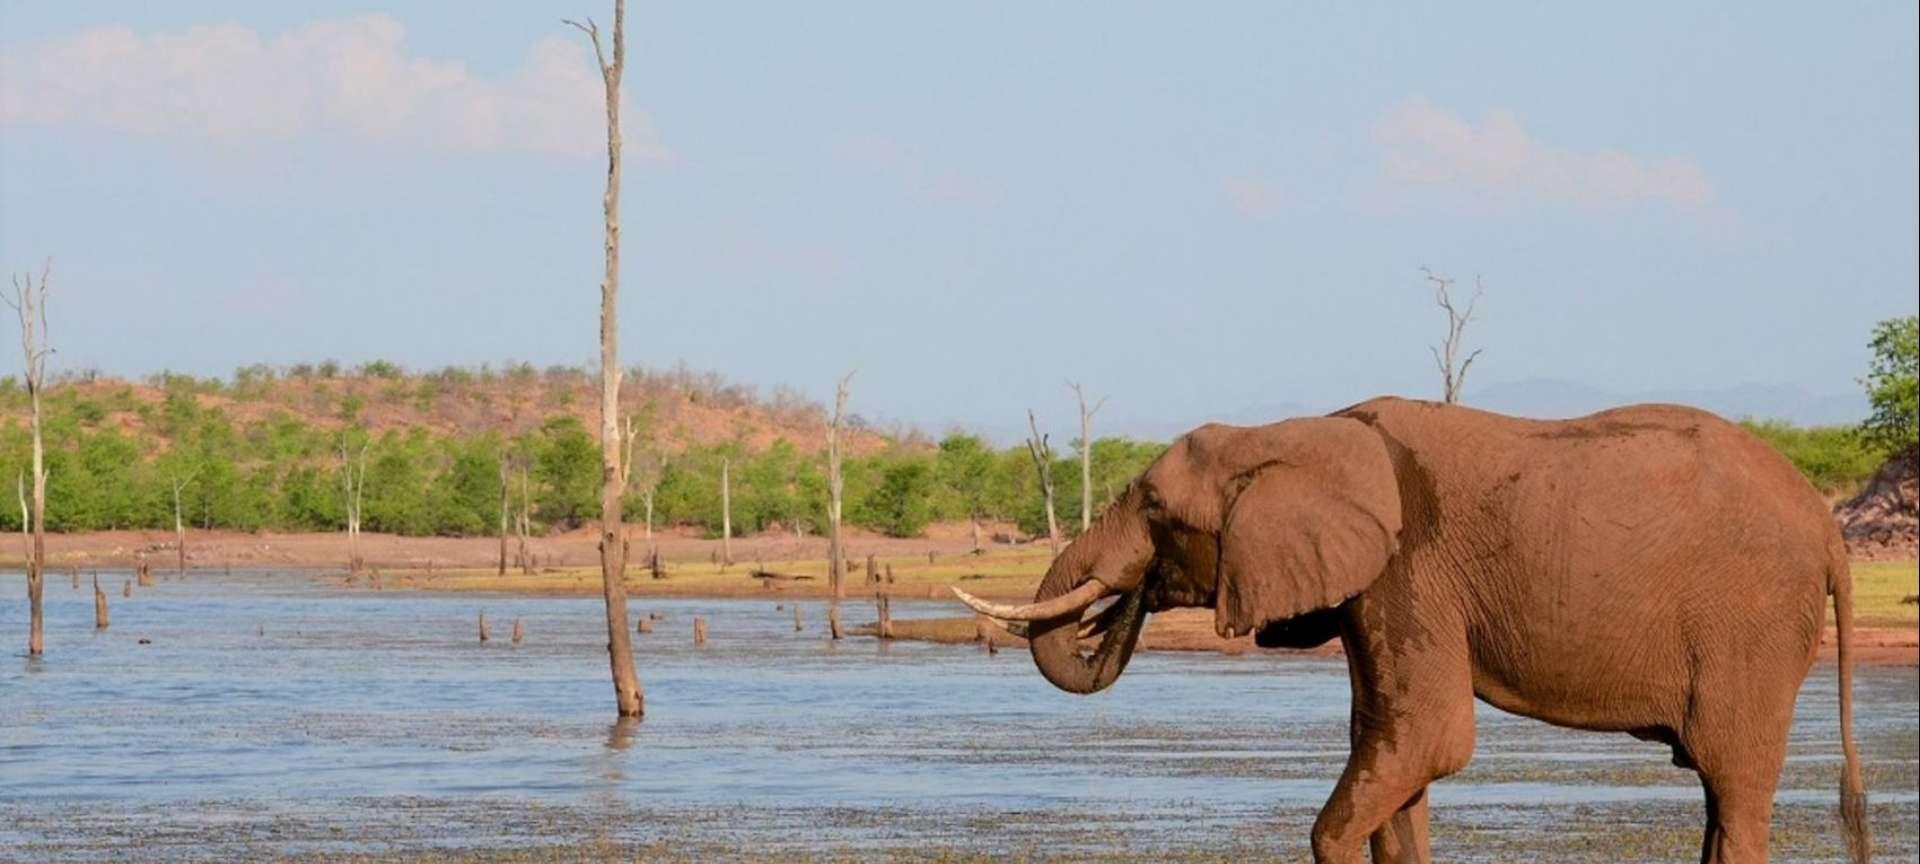 Kariba - Africa Wildlife Safaris